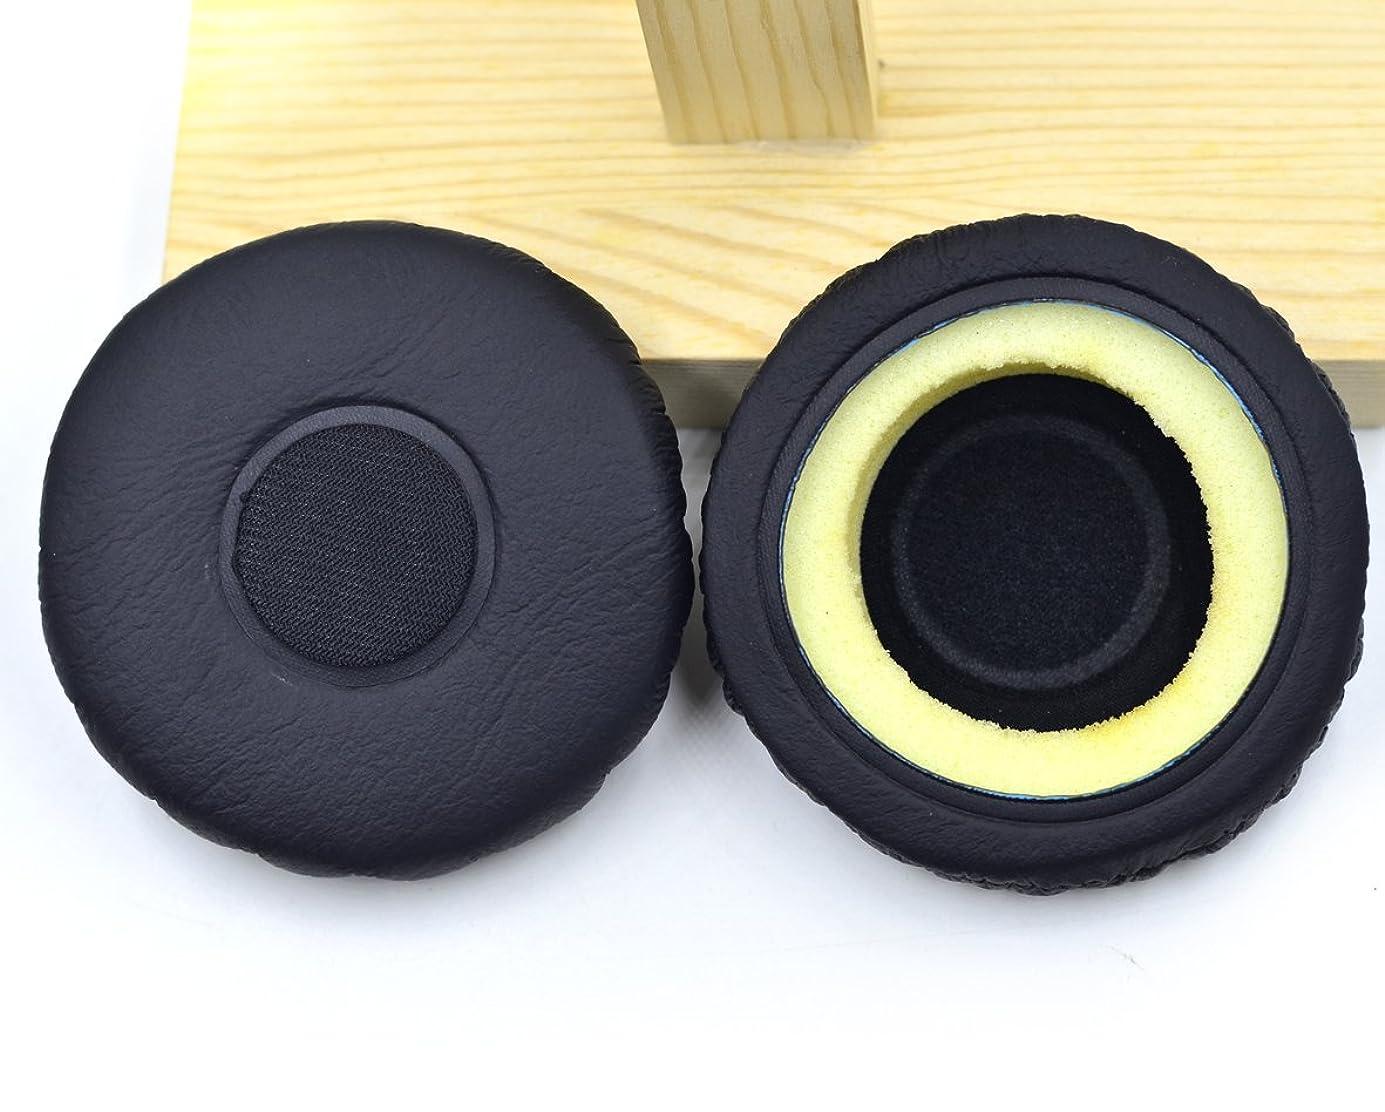 偽善者届けるビリーヤギヘッドホン交換用イヤーパッド earpads for Sony MDR-NC7 Headphone ヘッドホンの修理部品